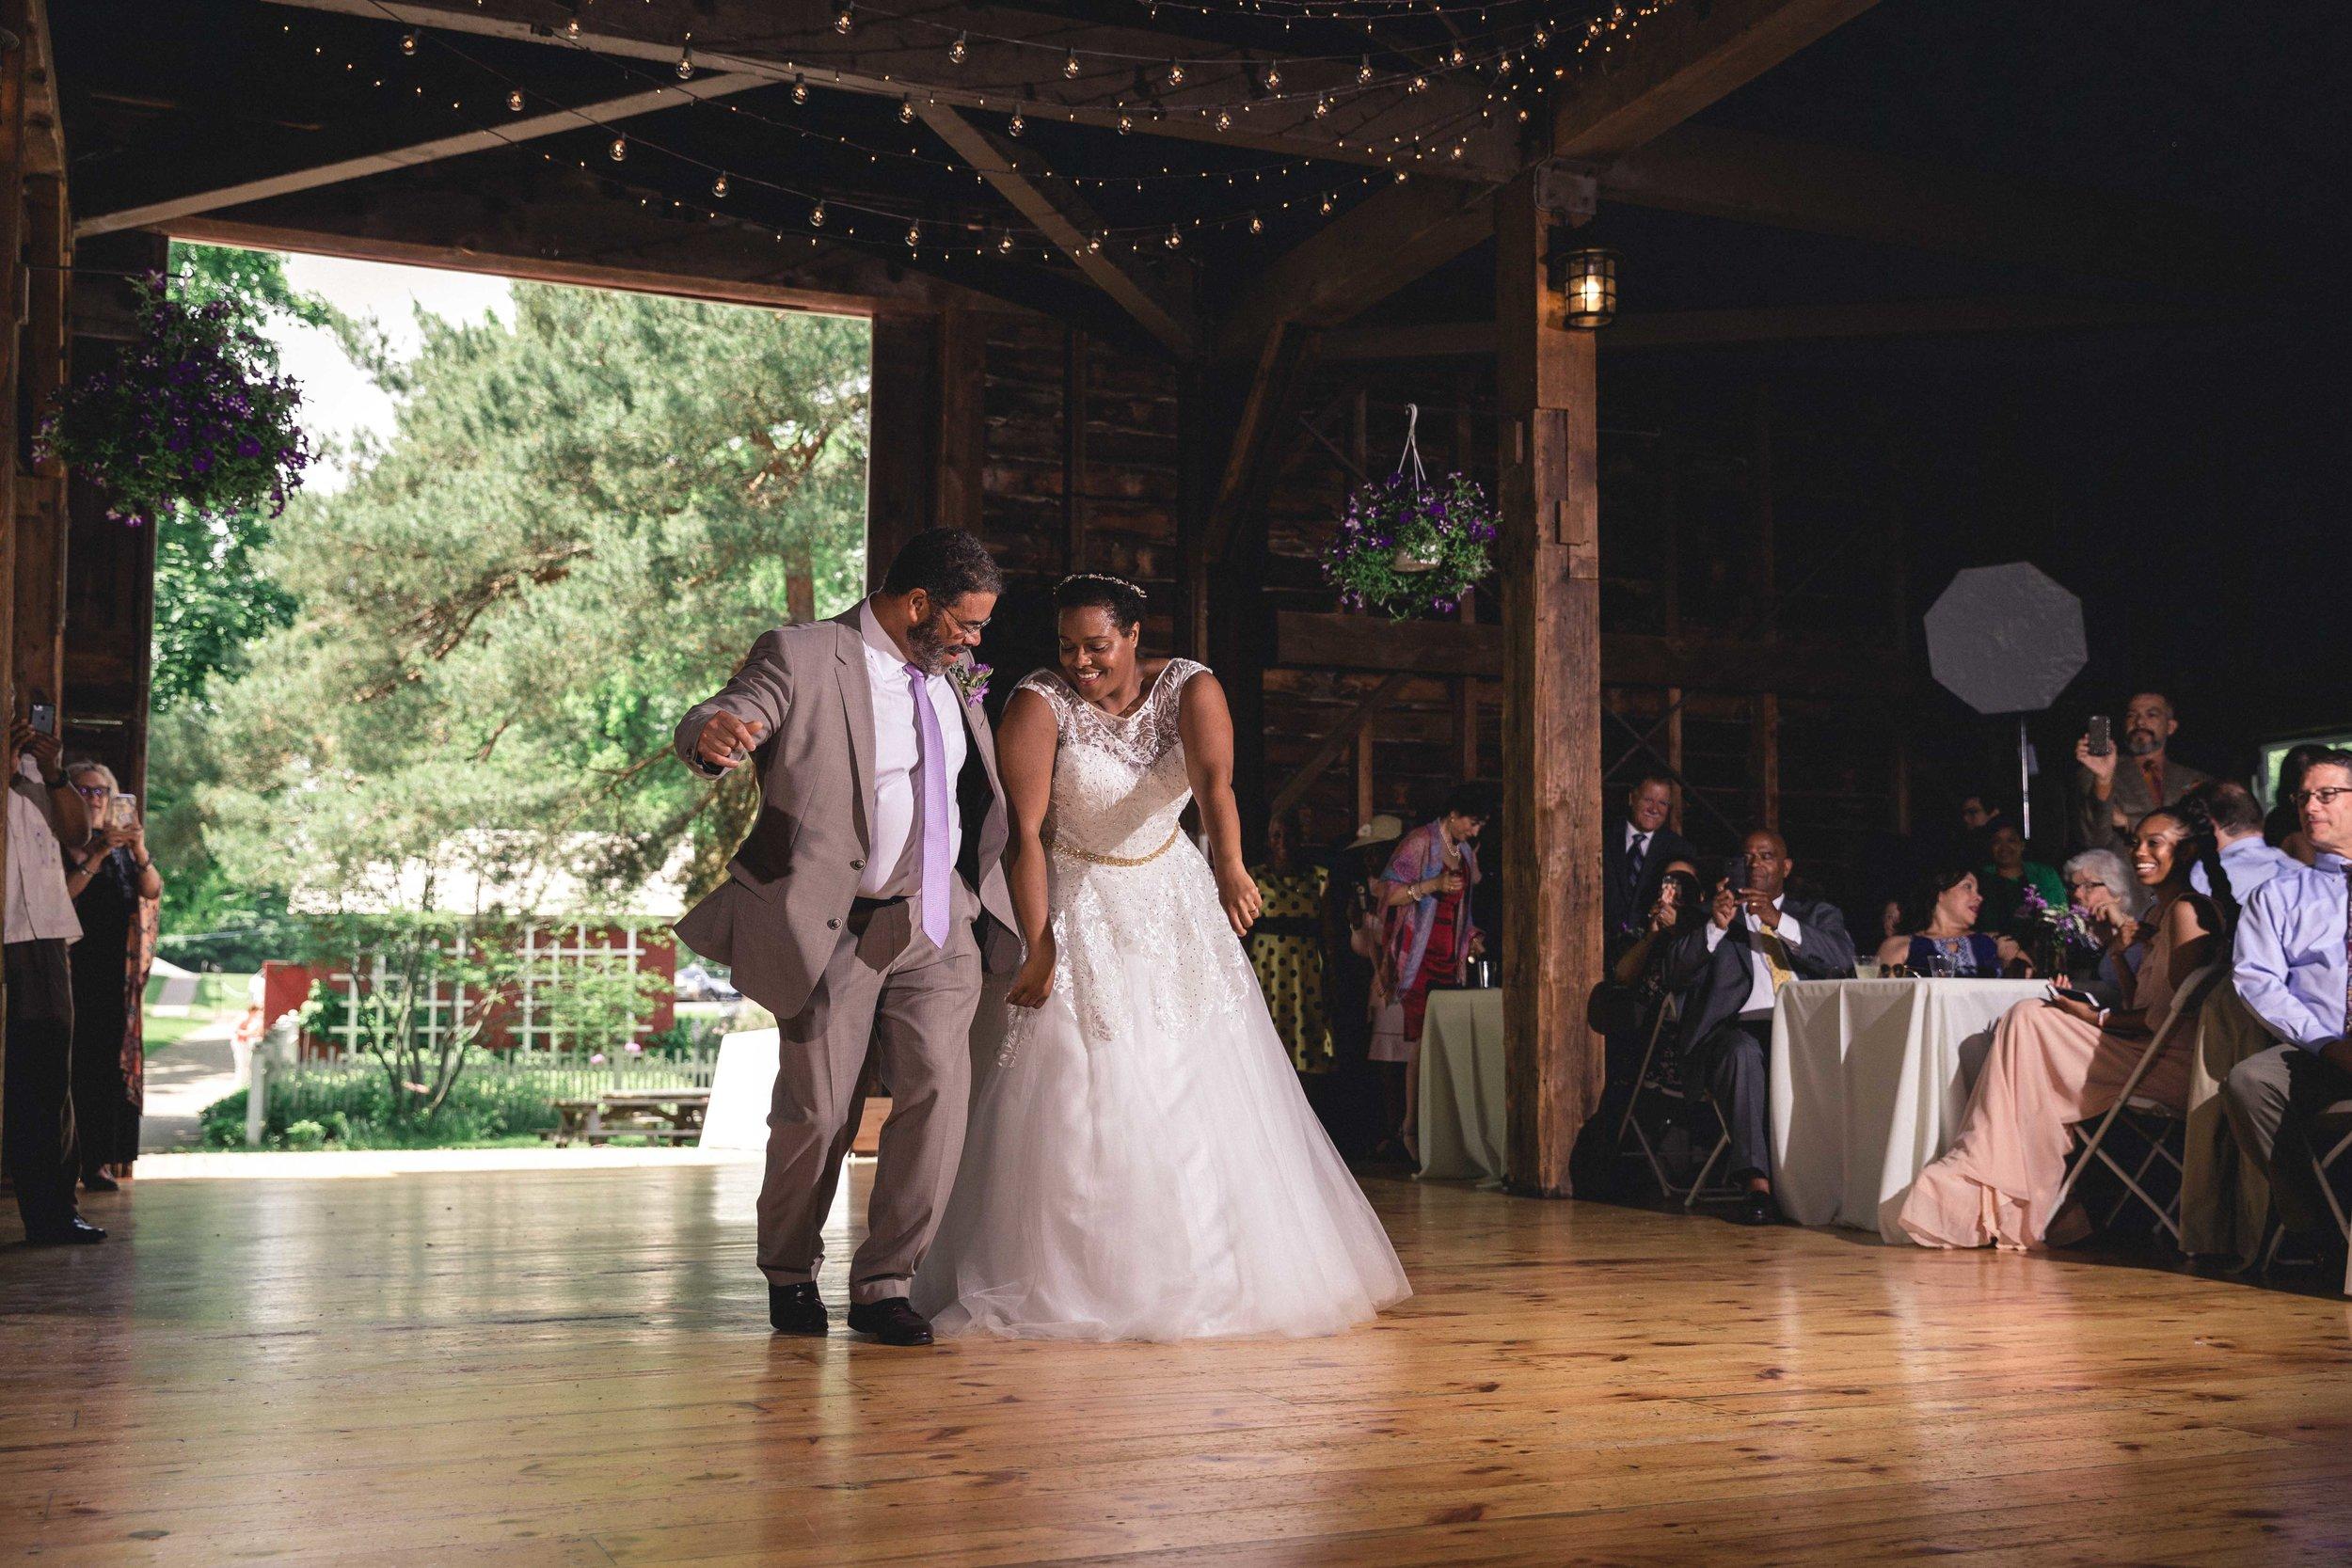 Zach-Xio-wedding-246.jpg